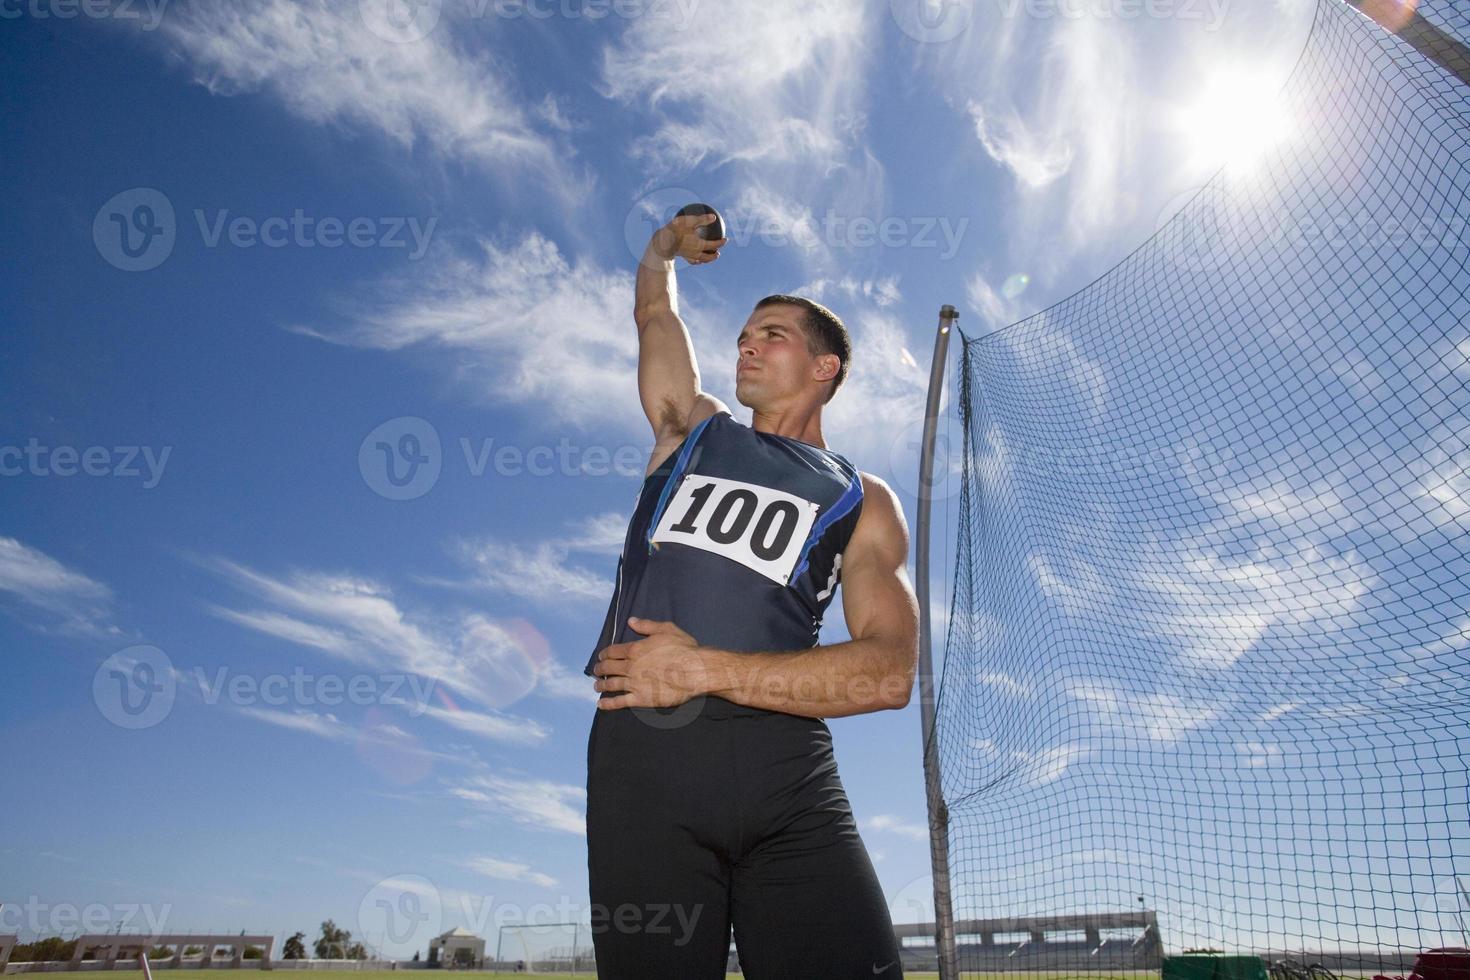 Athlète masculin se préparant à lancer la balle de lancer du poids (lens flare) photo